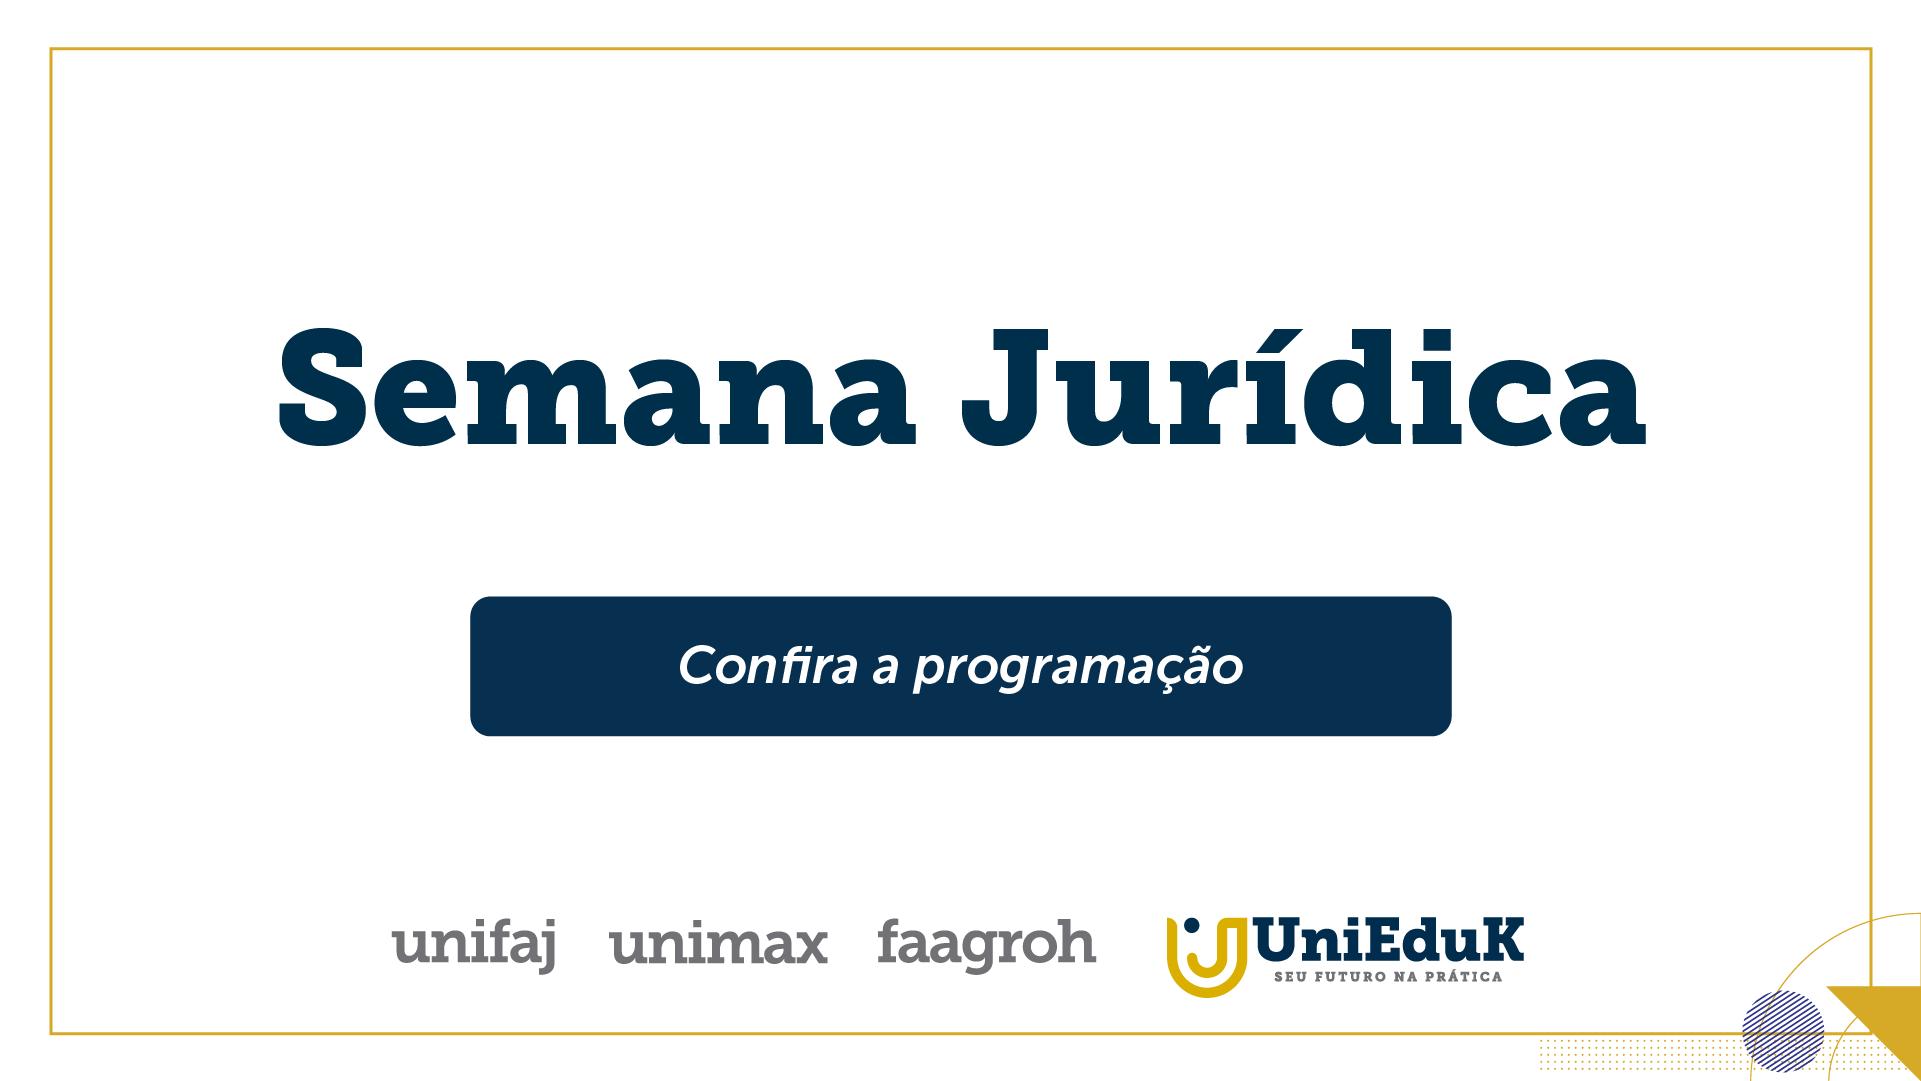 """A imagem traz uma arte nos moldes do Grupo UniEduK com o texto: """"Semana Jurídica, confira a programação""""."""